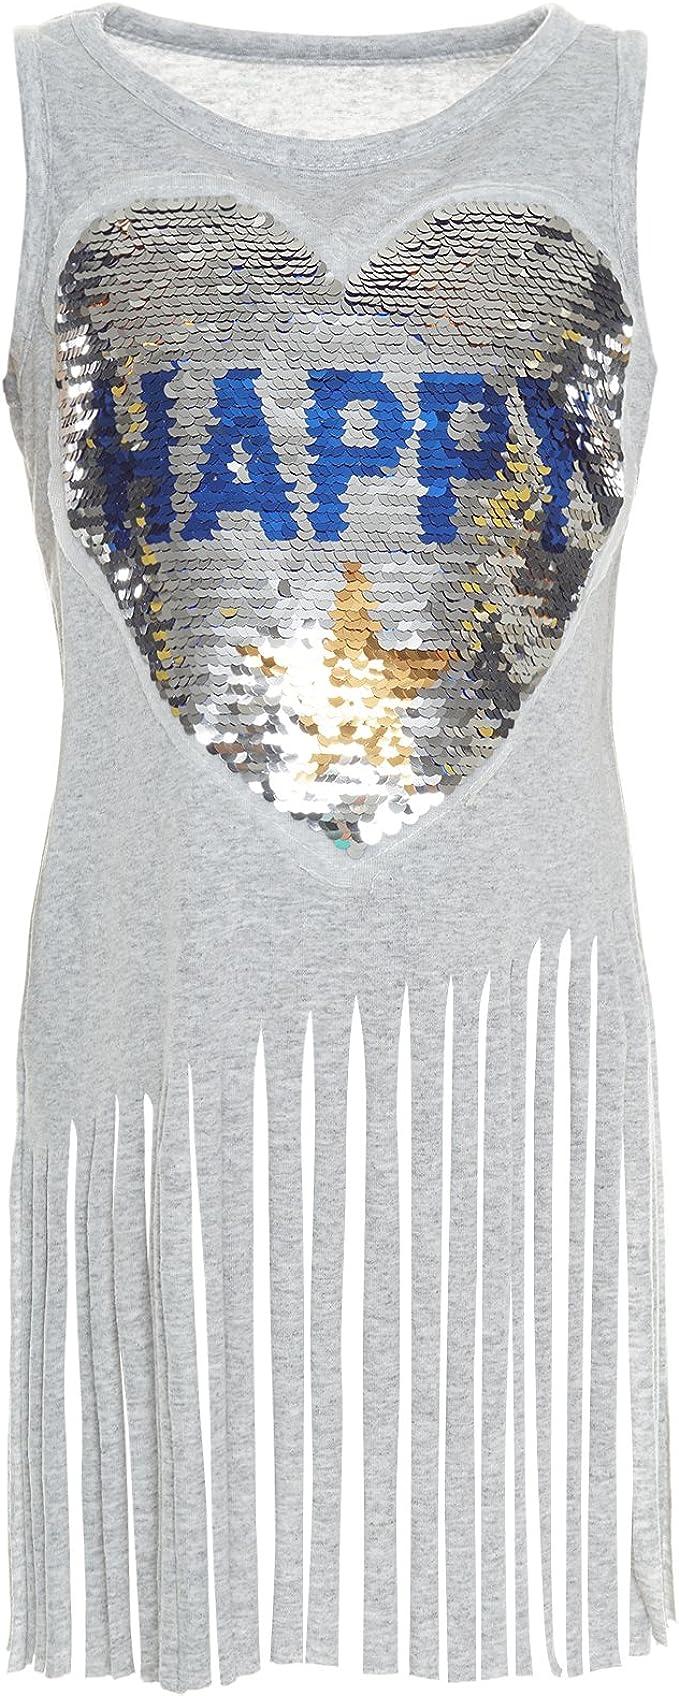 BEZLIT - Camisa deportiva - Blusa - Rayas - Cuello redondo - Sin mangas - para niña gris 10 años: Amazon.es: Ropa y accesorios